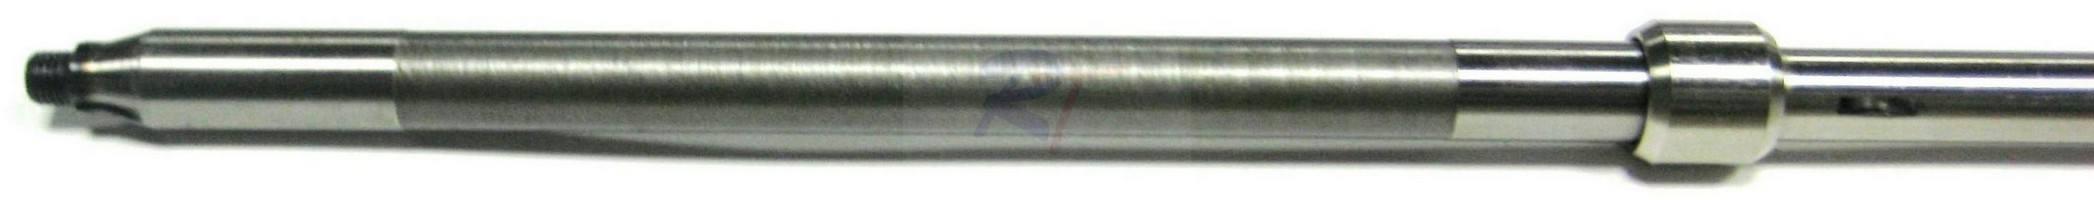 RTT-6E7-45501-00. Вал ведущий, вертикальный RTT-6E7-45501-00